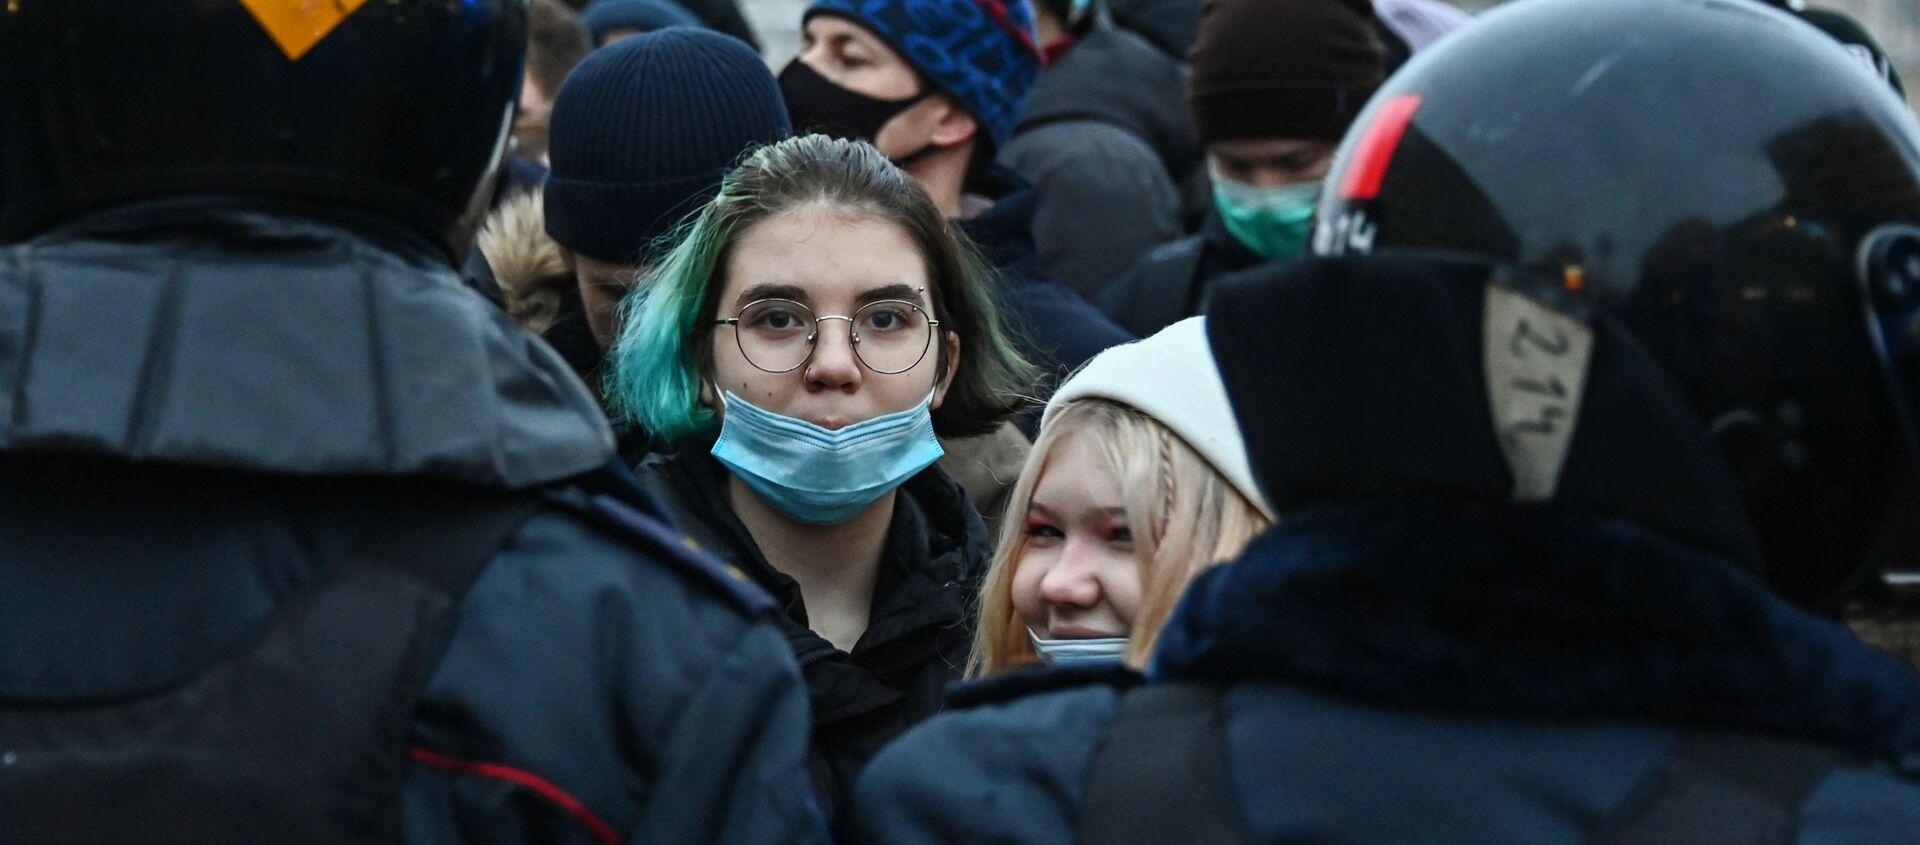 Participantes de las protestas no autorizadas en apoyo a Alexéi Navalni, Moscú, 23 de enero de 2021 - Sputnik Mundo, 1920, 24.01.2021